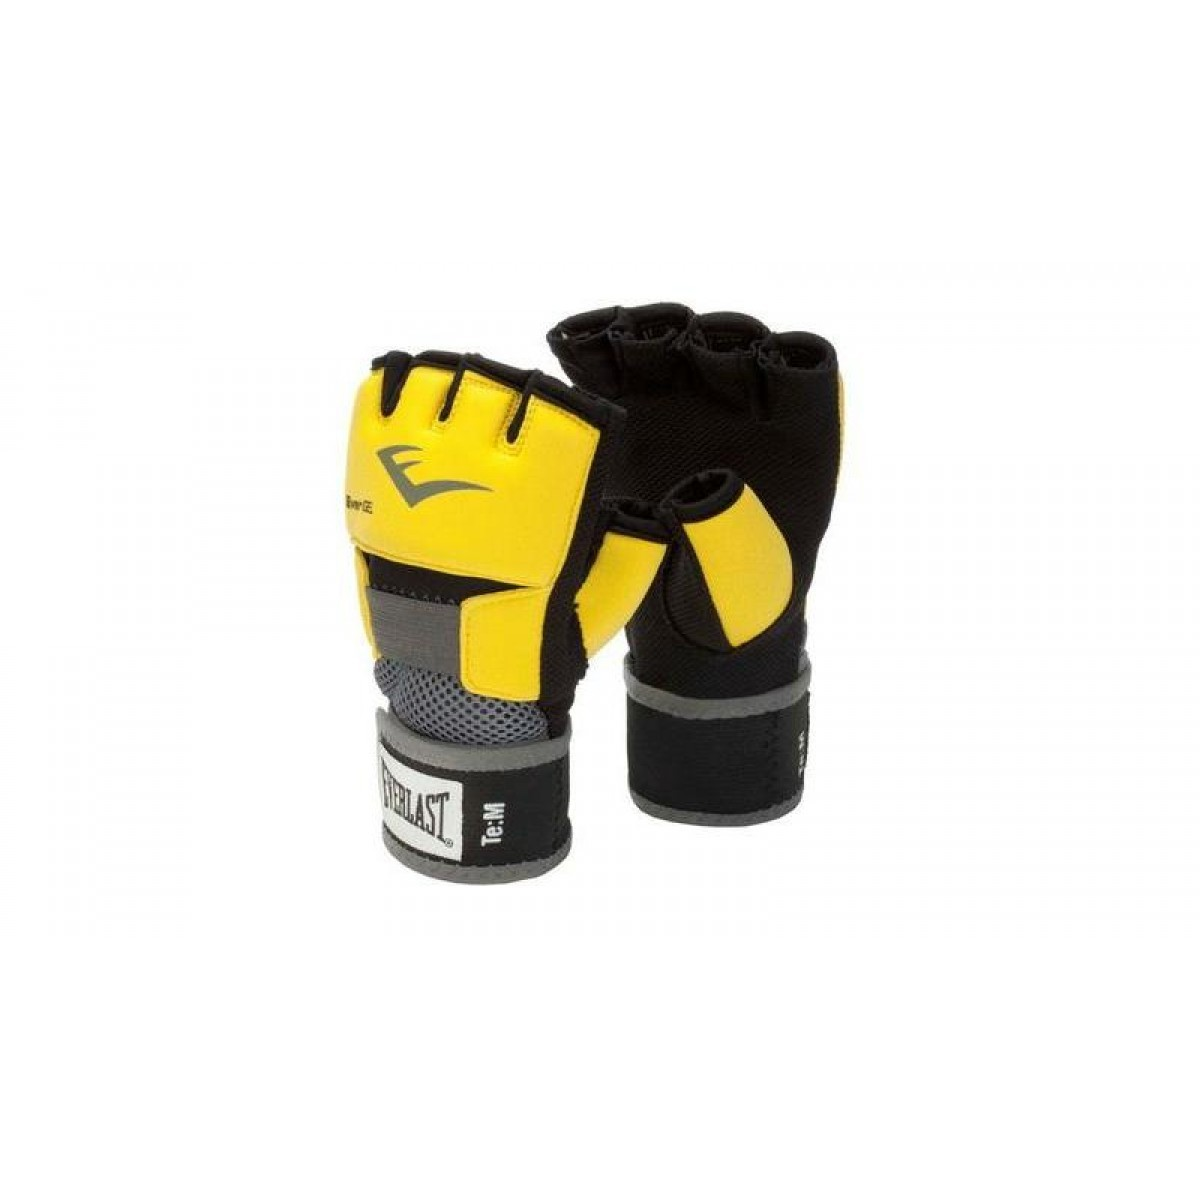 Guantes de Boxeo Everlast Evergel Hand Wraps L/XL